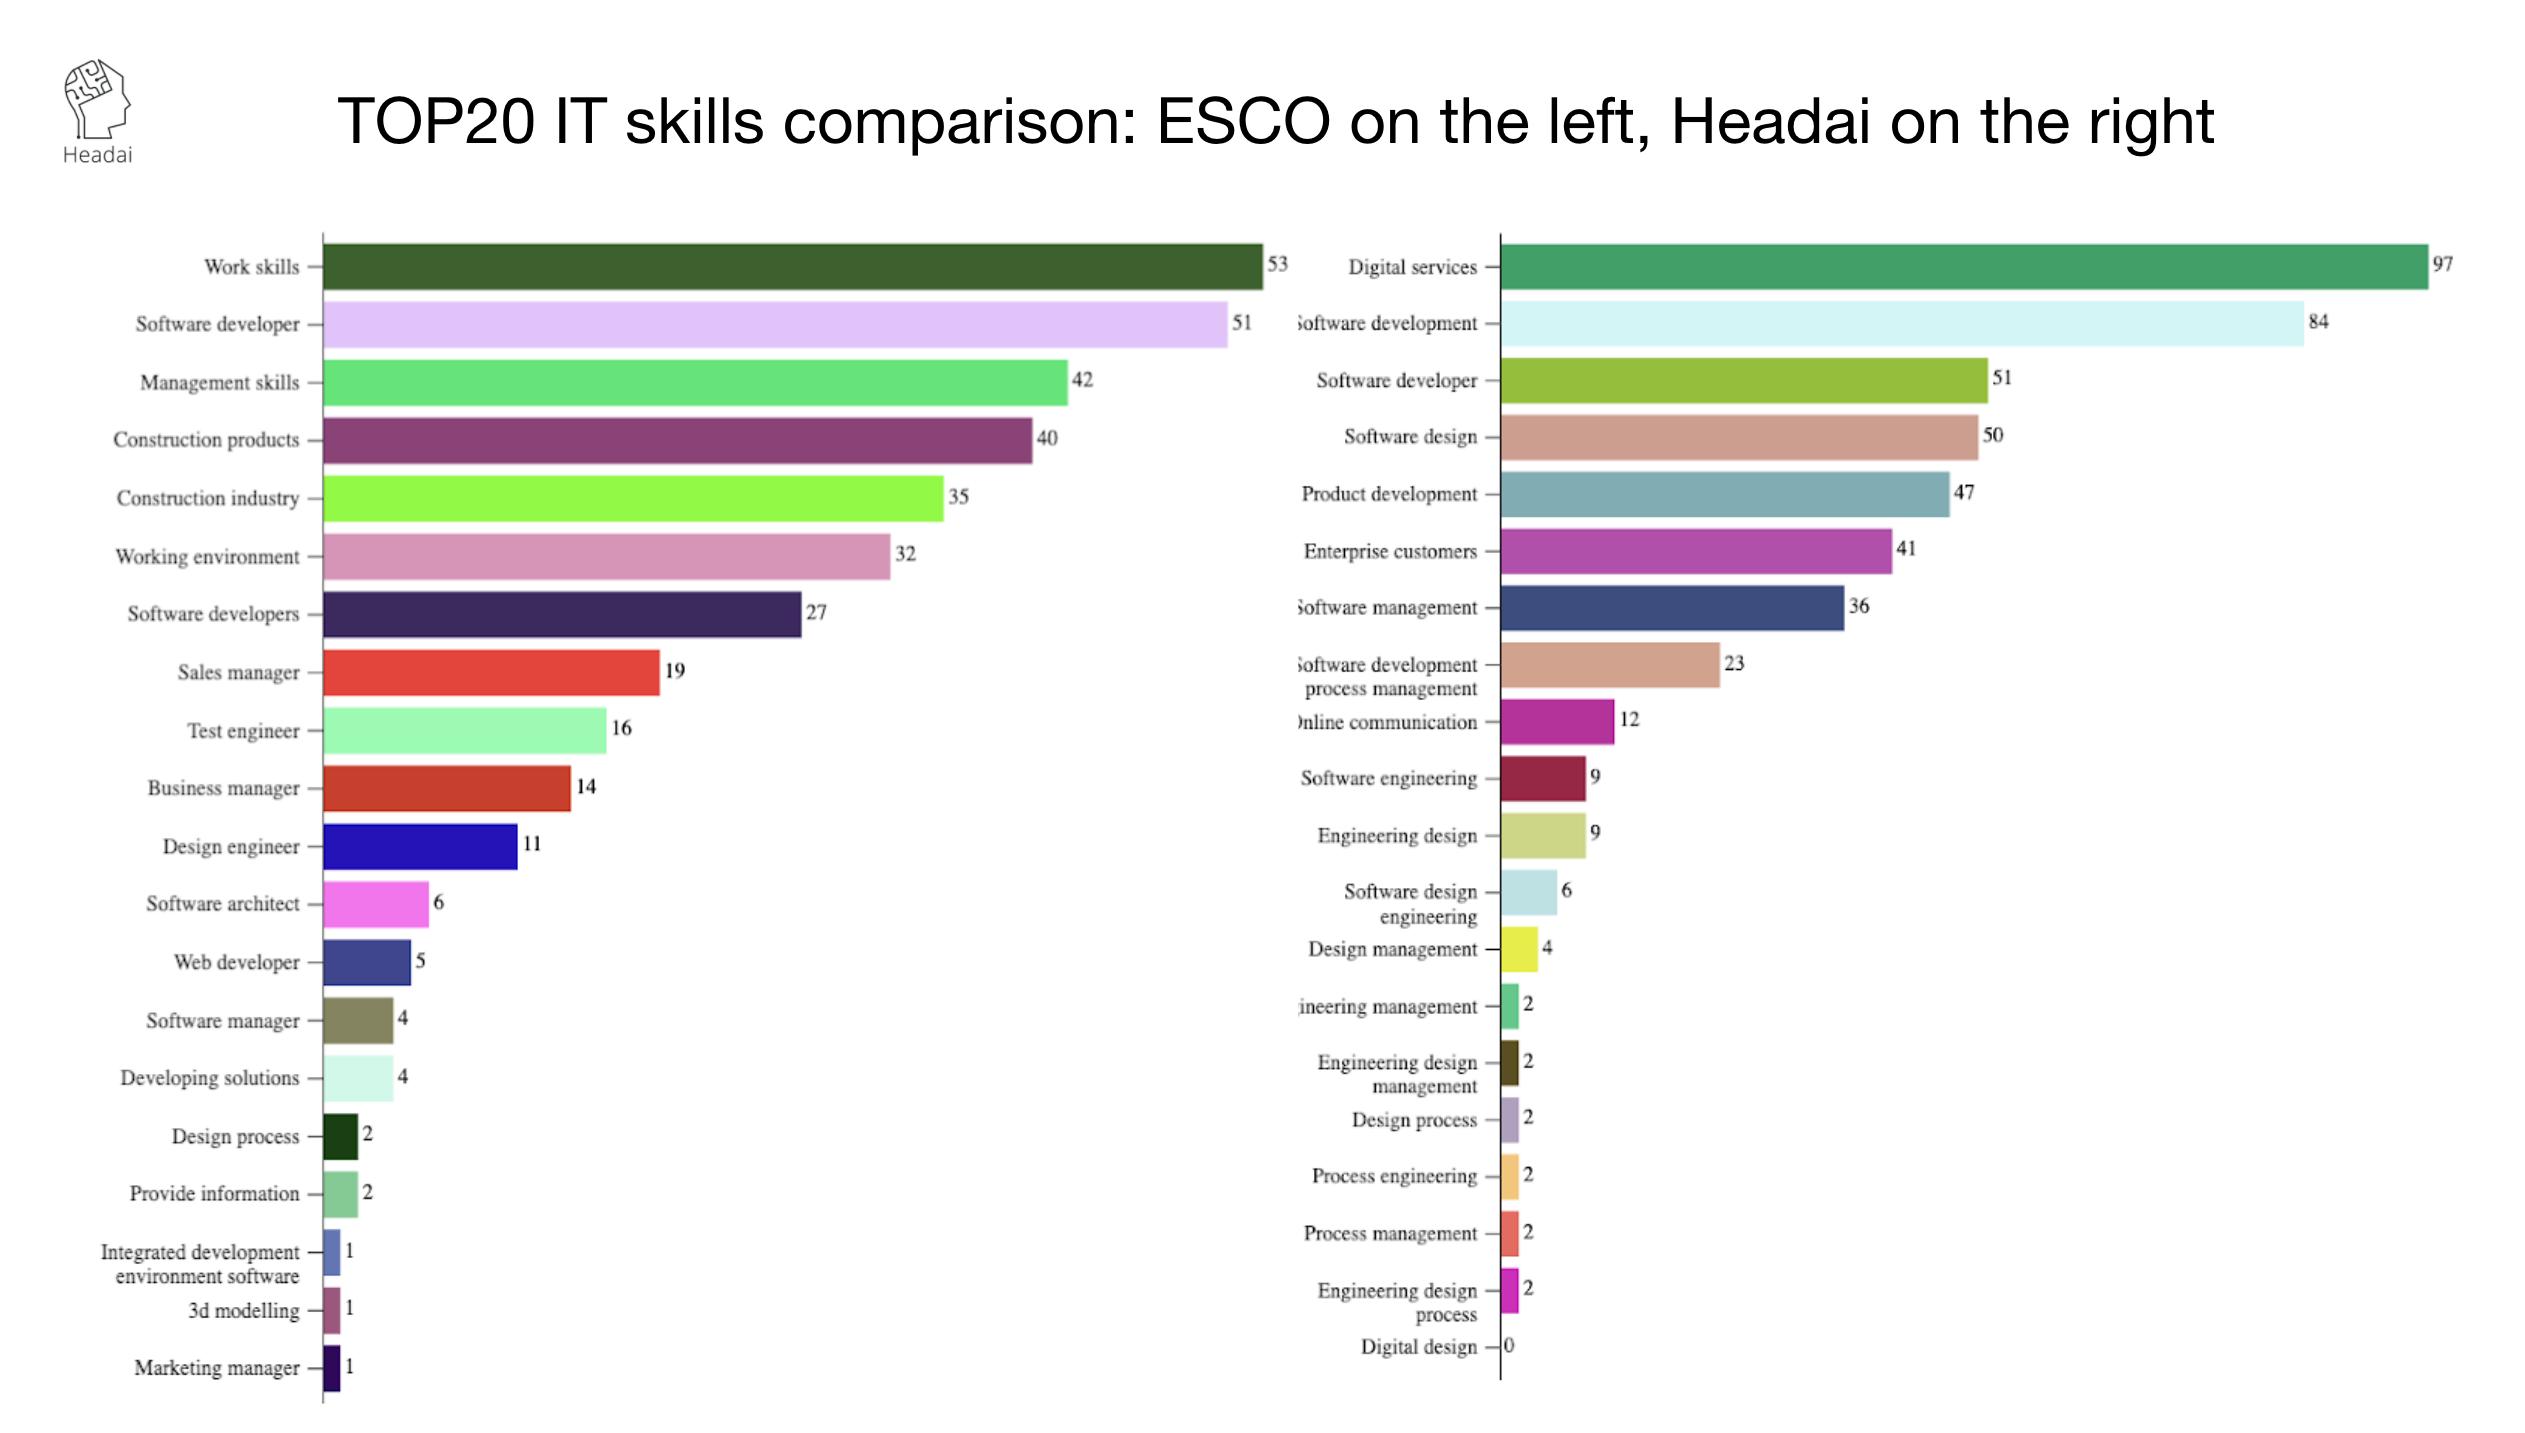 ESCO ontology vs Headai ontology in IT field